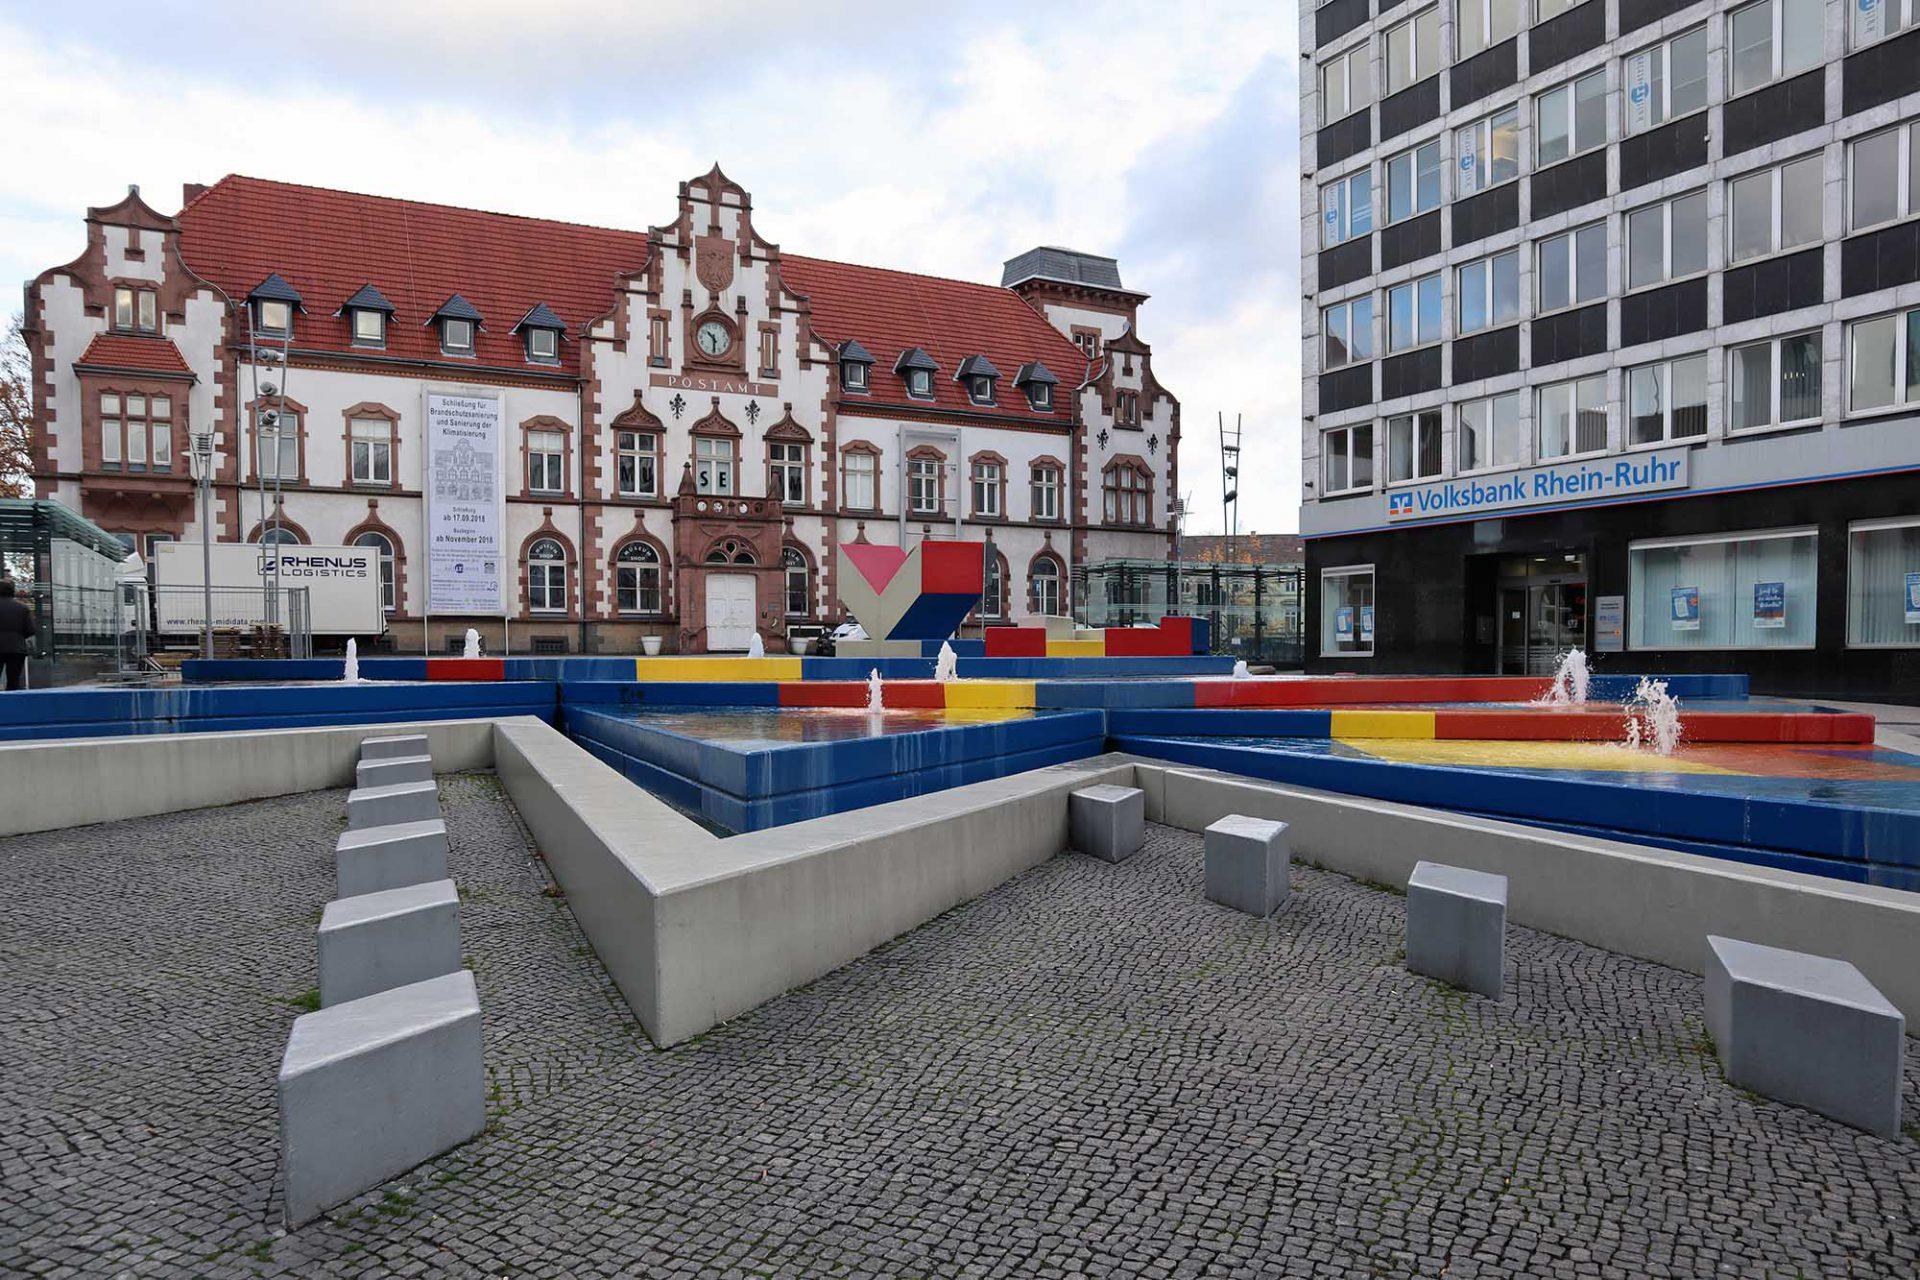 Kunstmuseum Mülheim an der Ruhr. Das Kunstmuseum befindet sich seit 1994 in der ehemaligen Hauptpost.